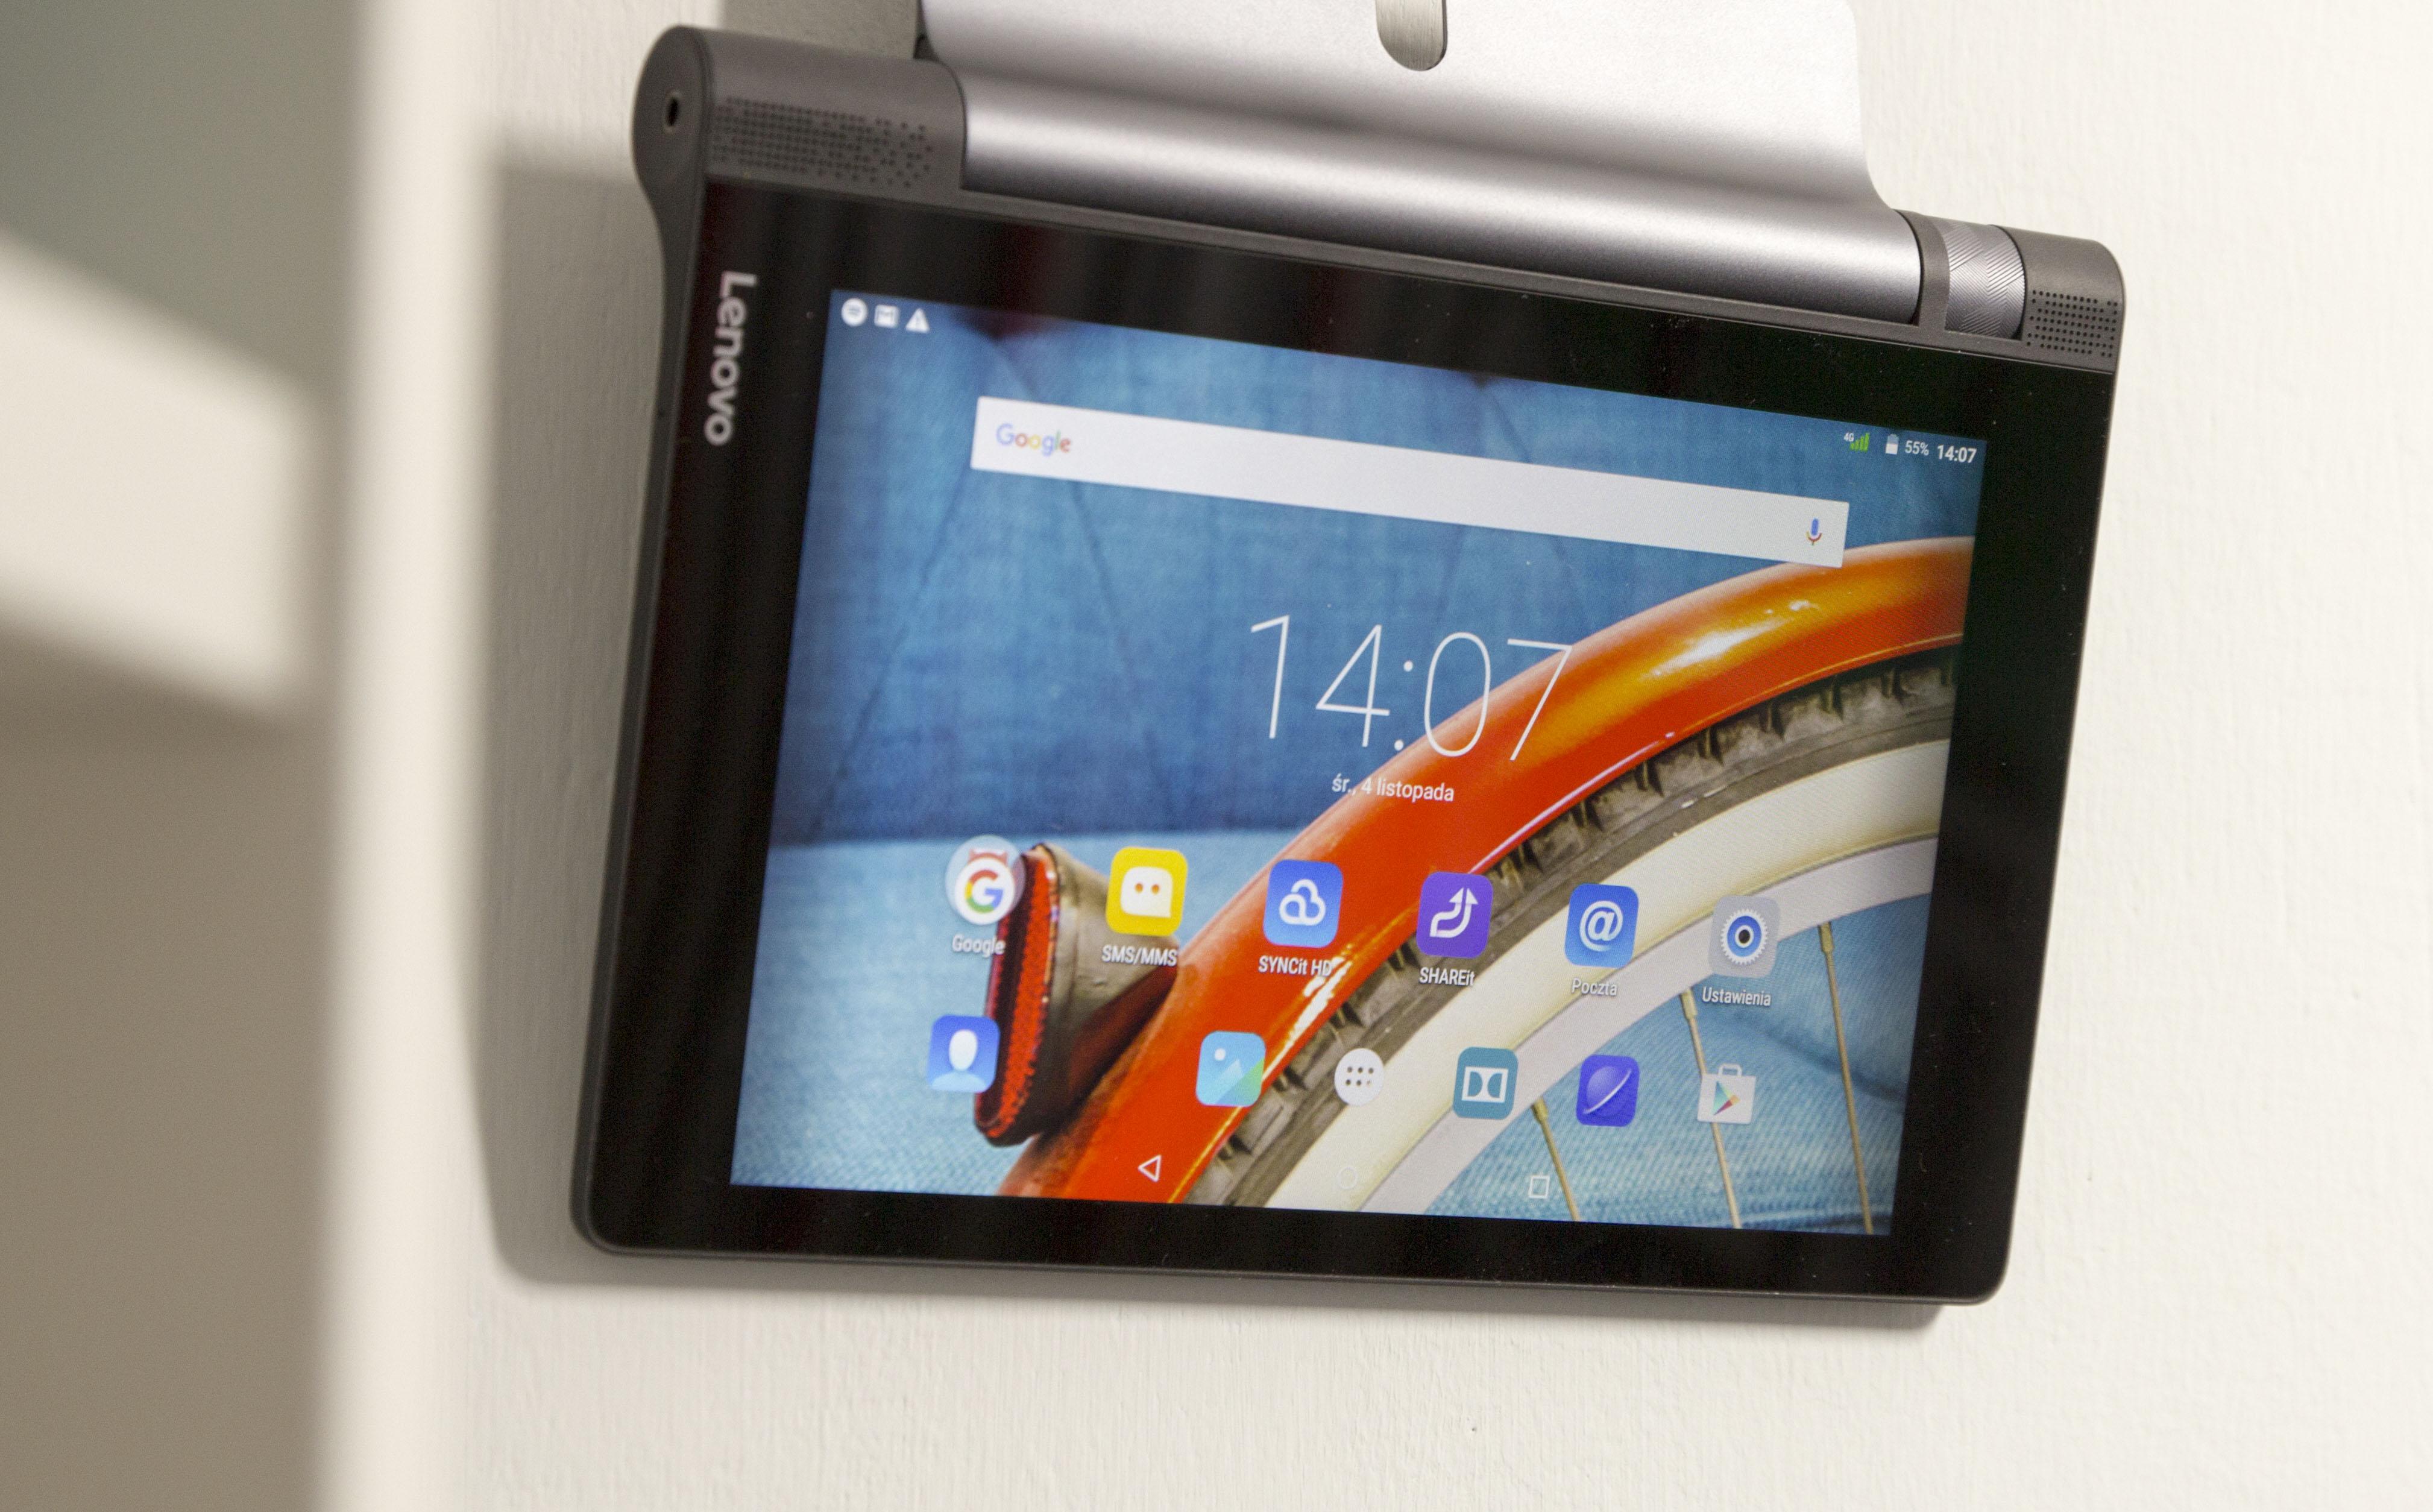 Lenovo Yoga Tab 3 8.0 - test niedużego tabletu z potężną baterią